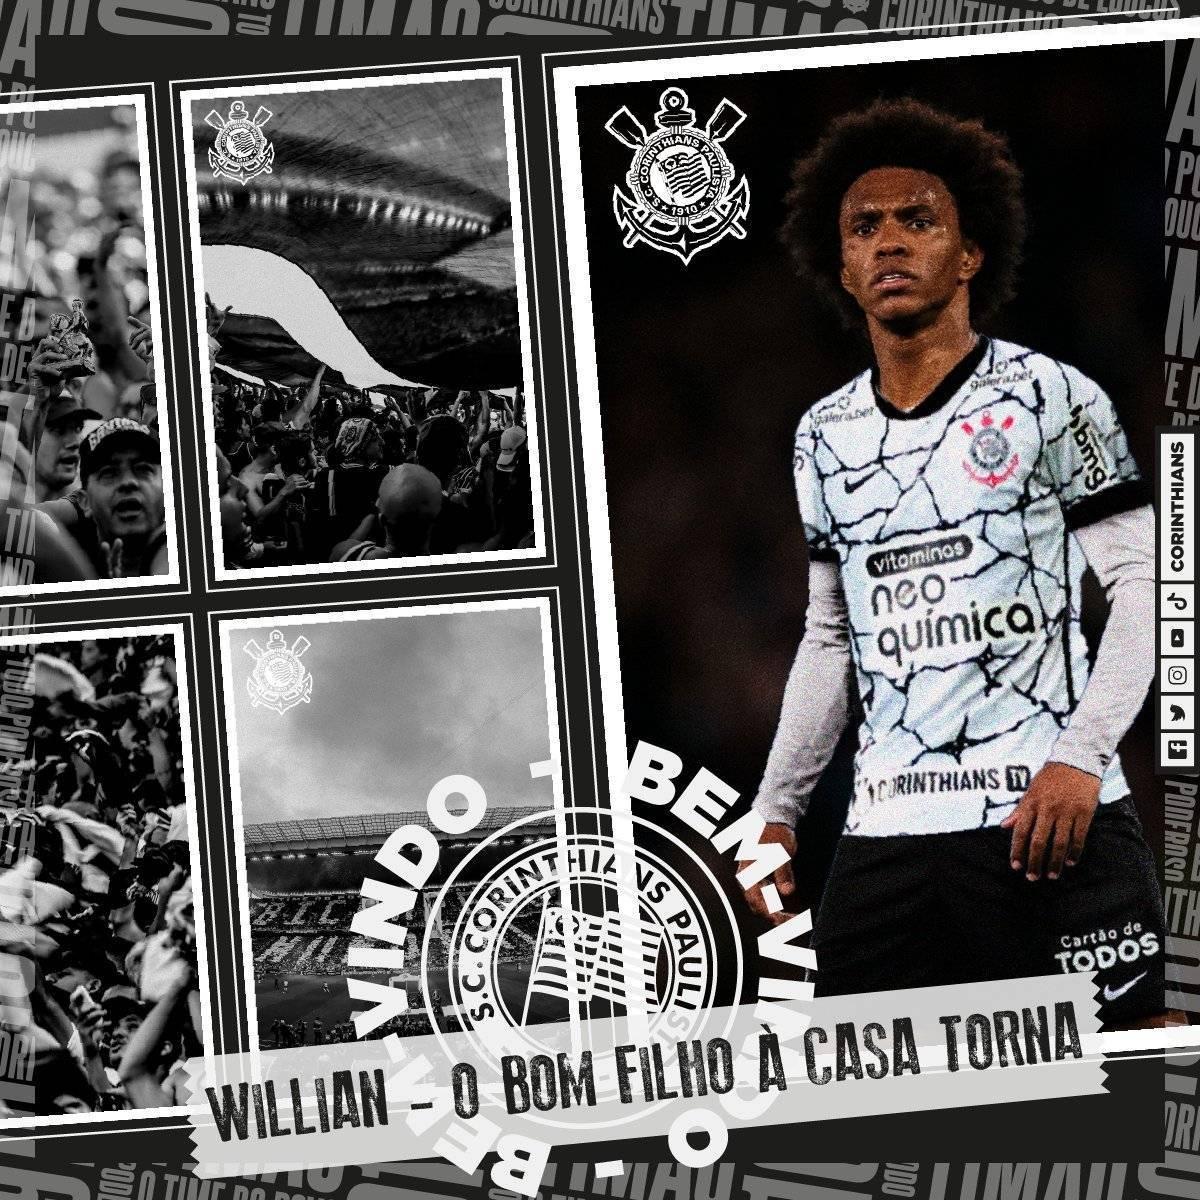 Willian foi anunciado oficialmente pelo Corinthians. Não há mais a mínima dúvida